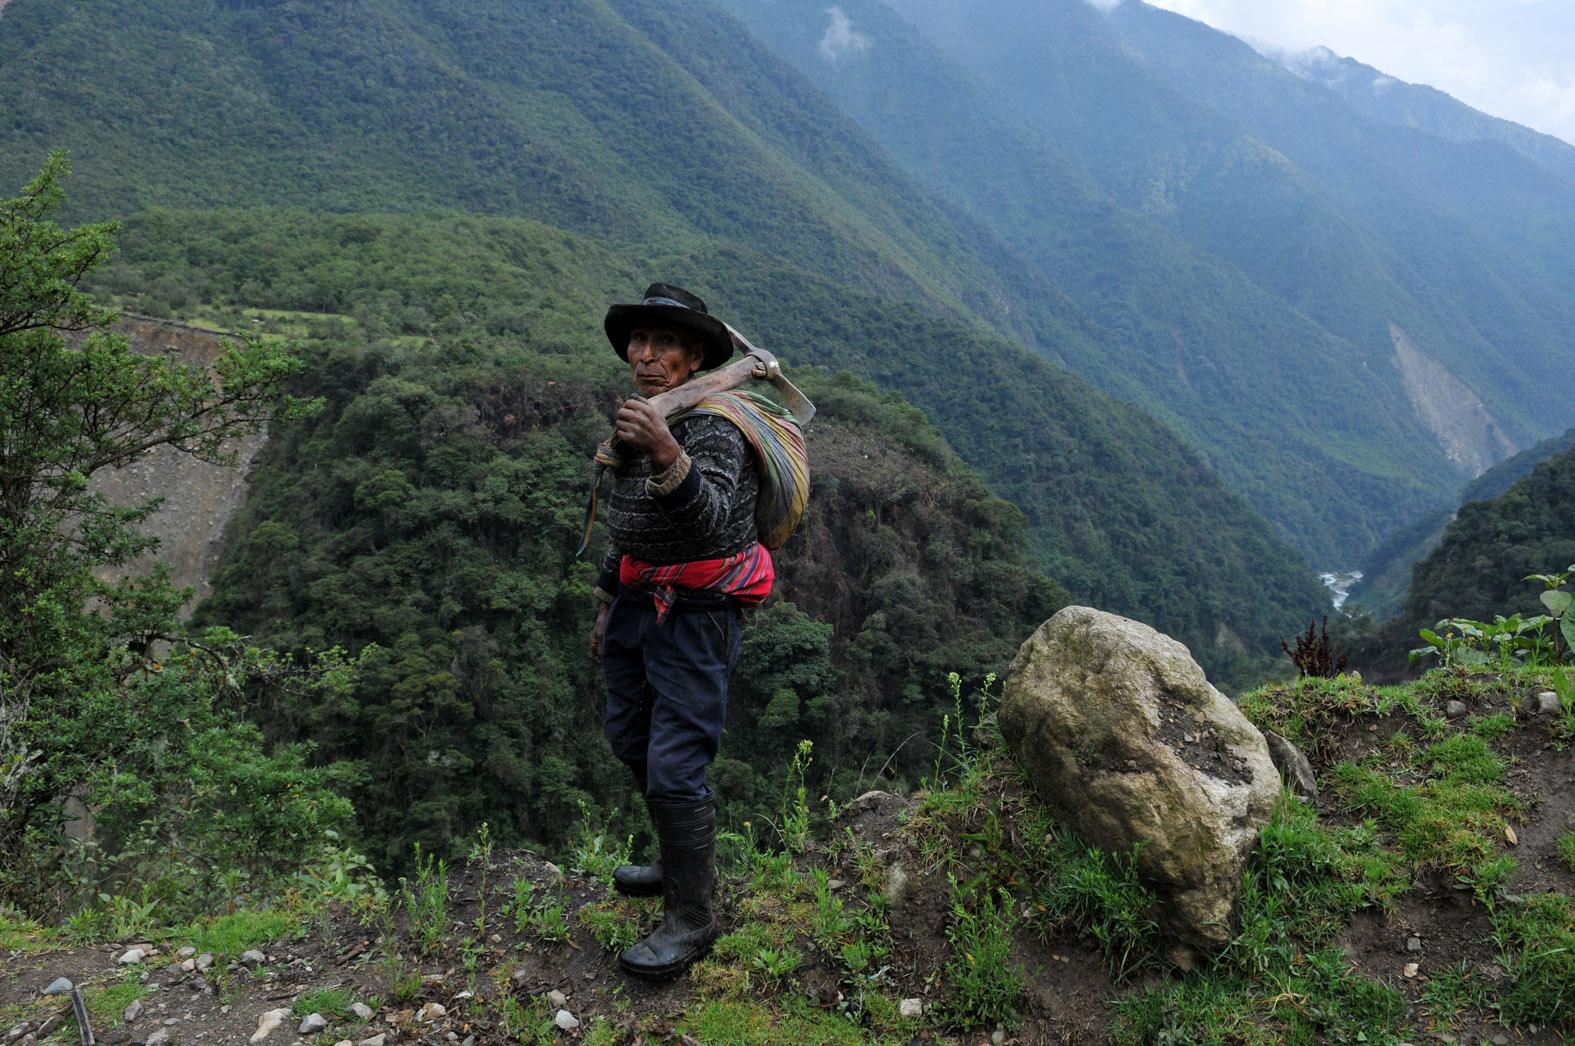 foto van man in Salkantaygebergte met bijl en zak op rug